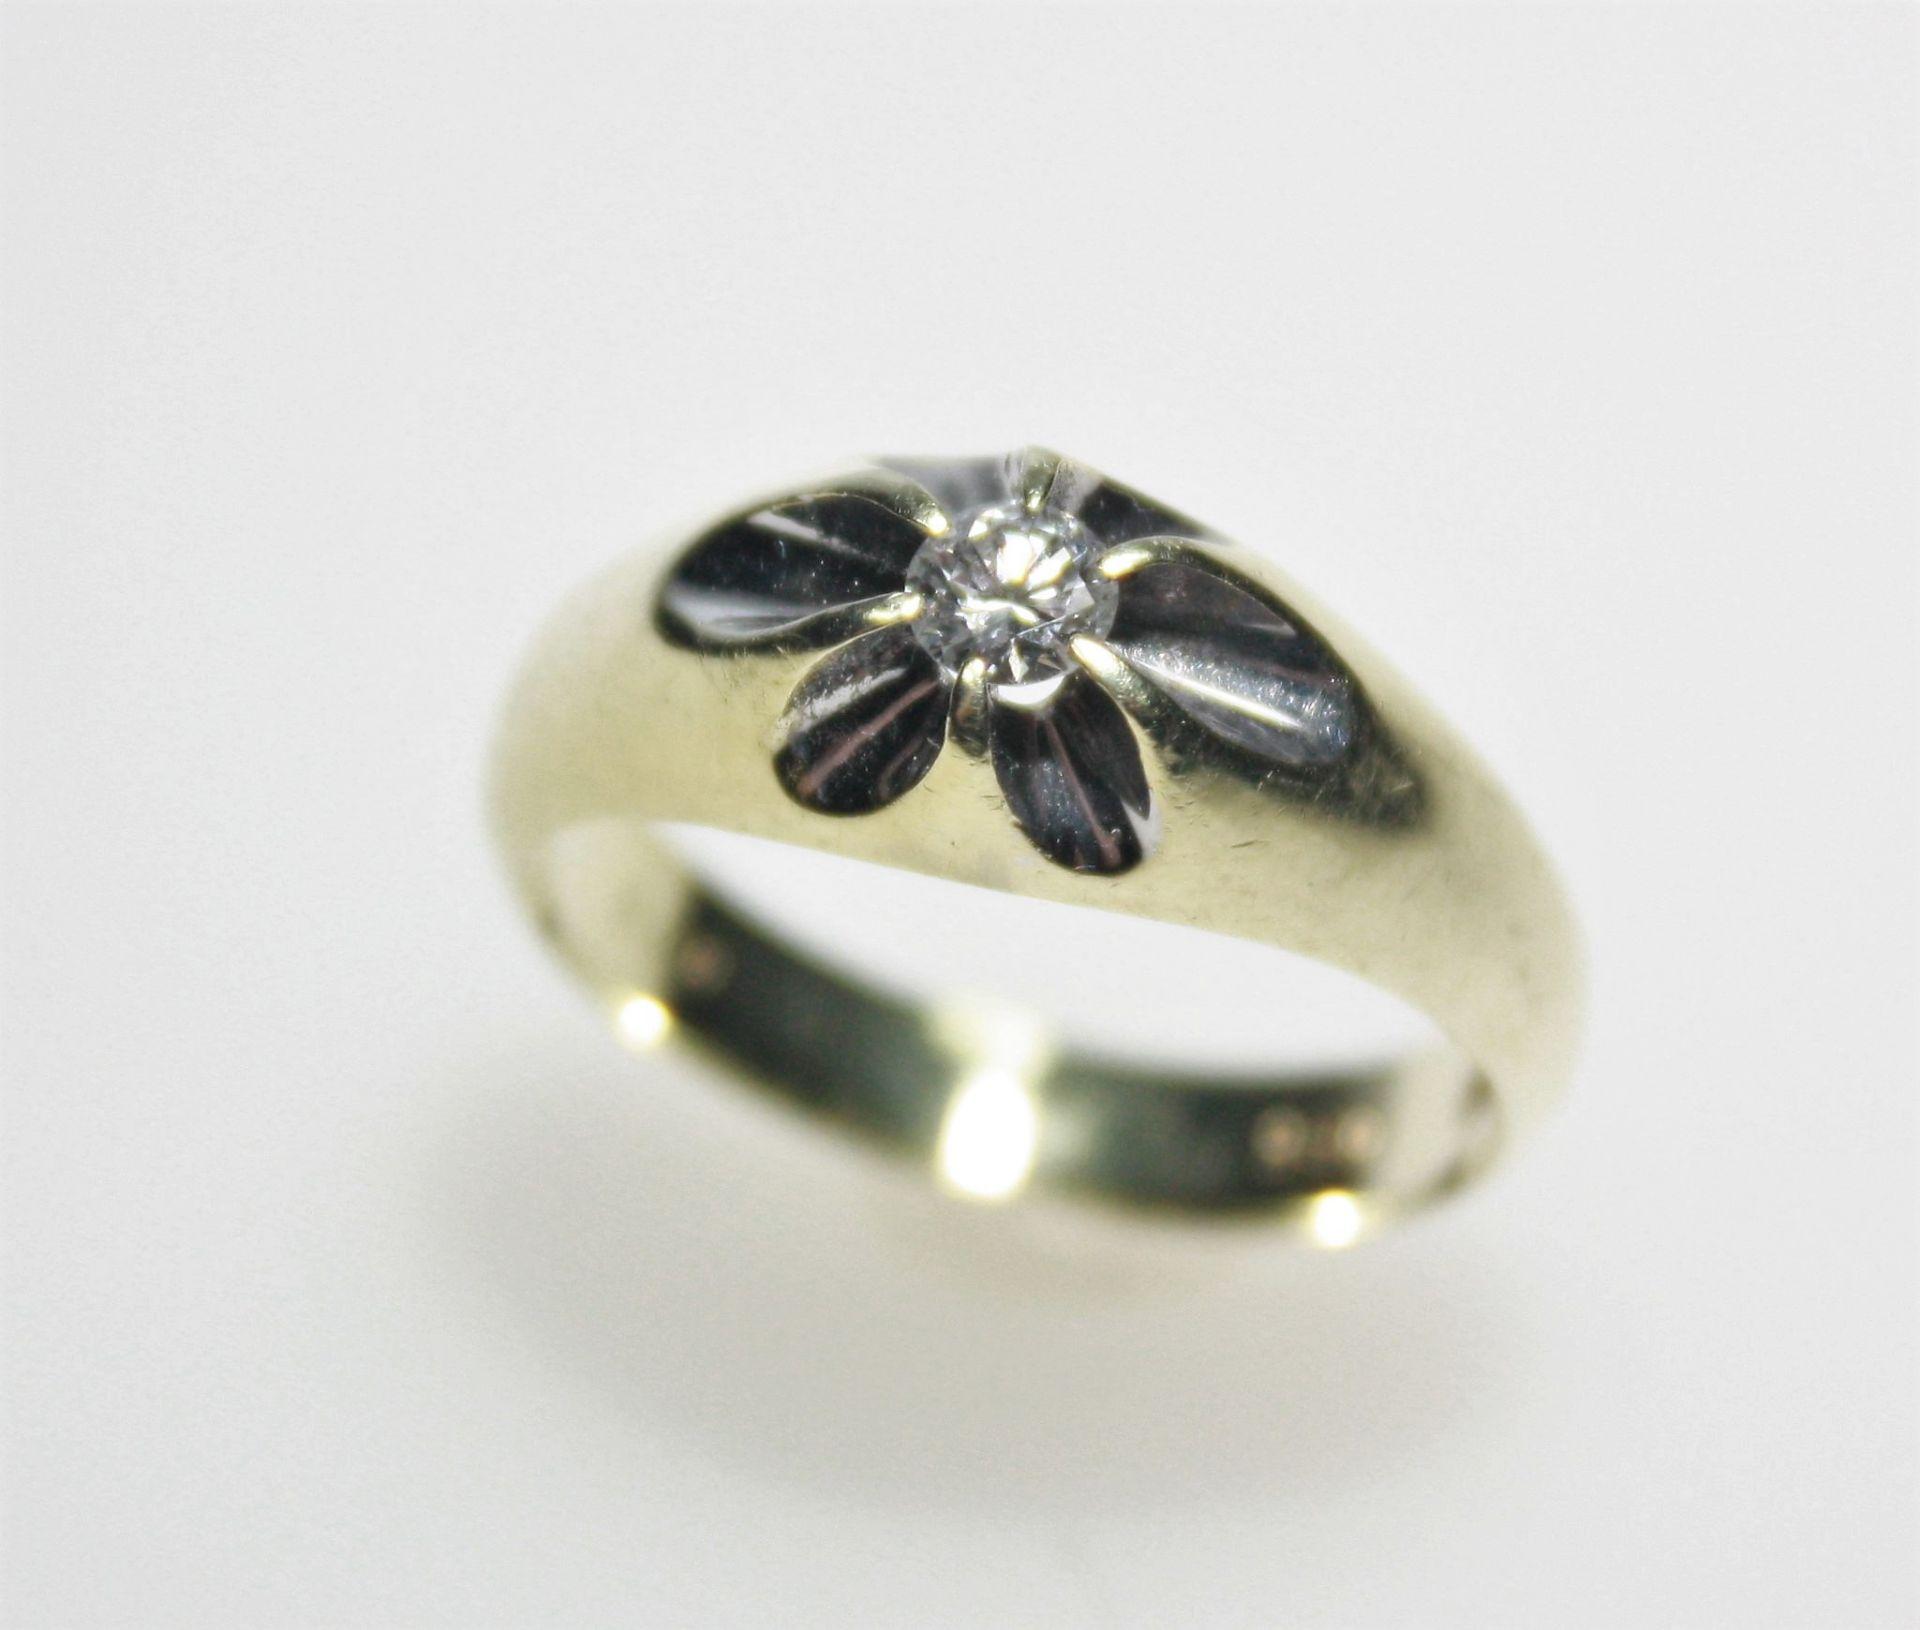 Goldener Bandring 585/f gest. mit einem Diamanten in Brillantschliff ca. 0,23 ct in guter bis feiner